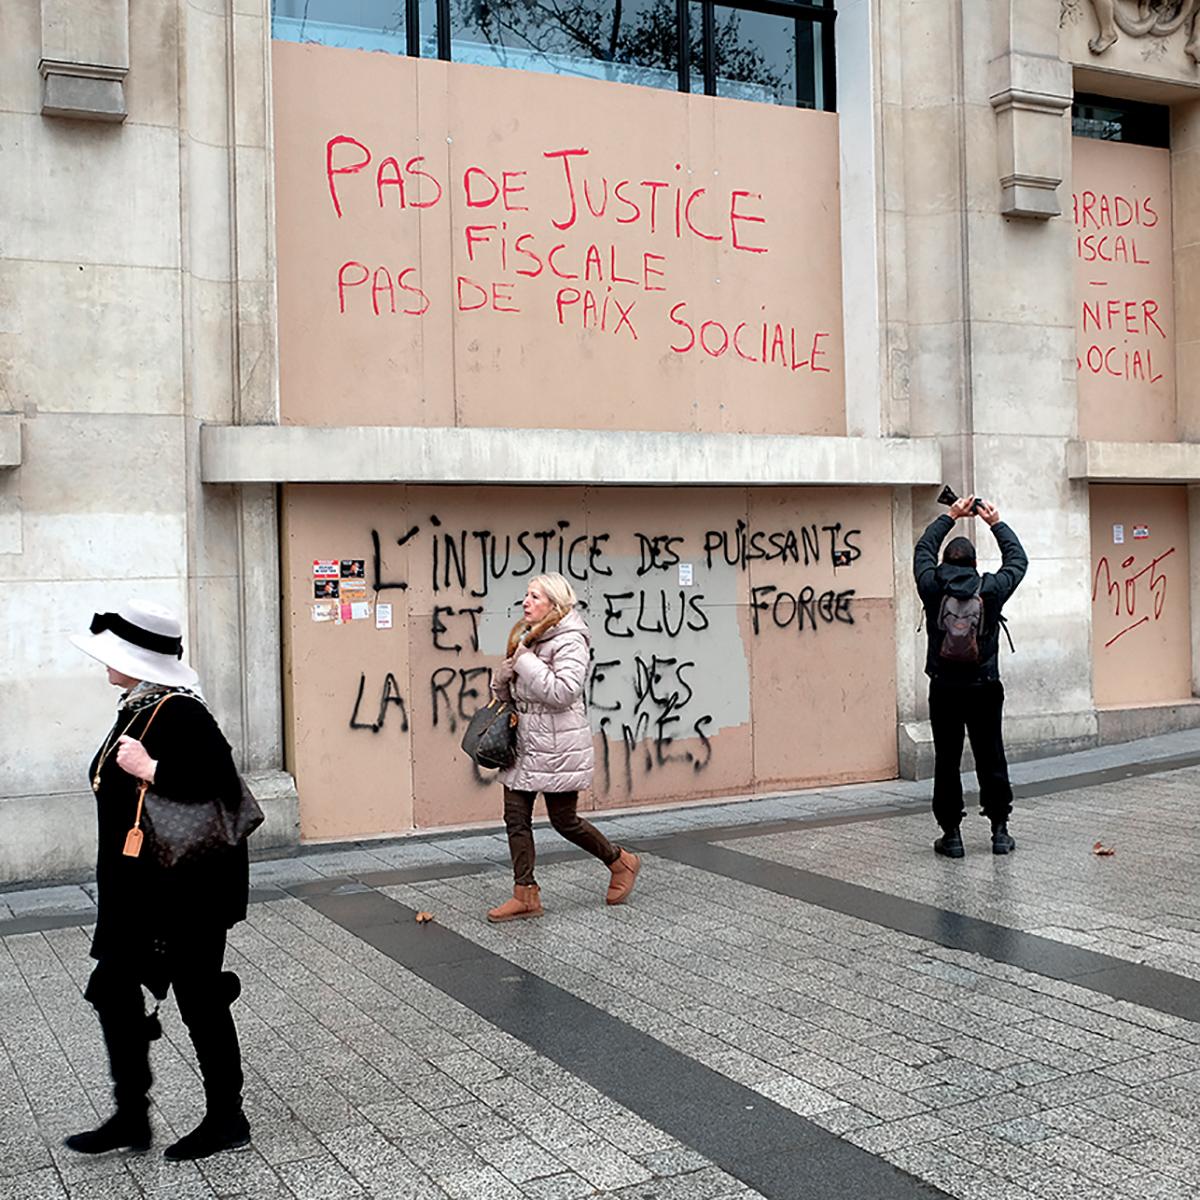 Siège social de la banque HSBC au lendemain de l'acteIX des Gilets jaunes, Paris, 13janvier 2019 ©Xavier Testelin/ Divergence